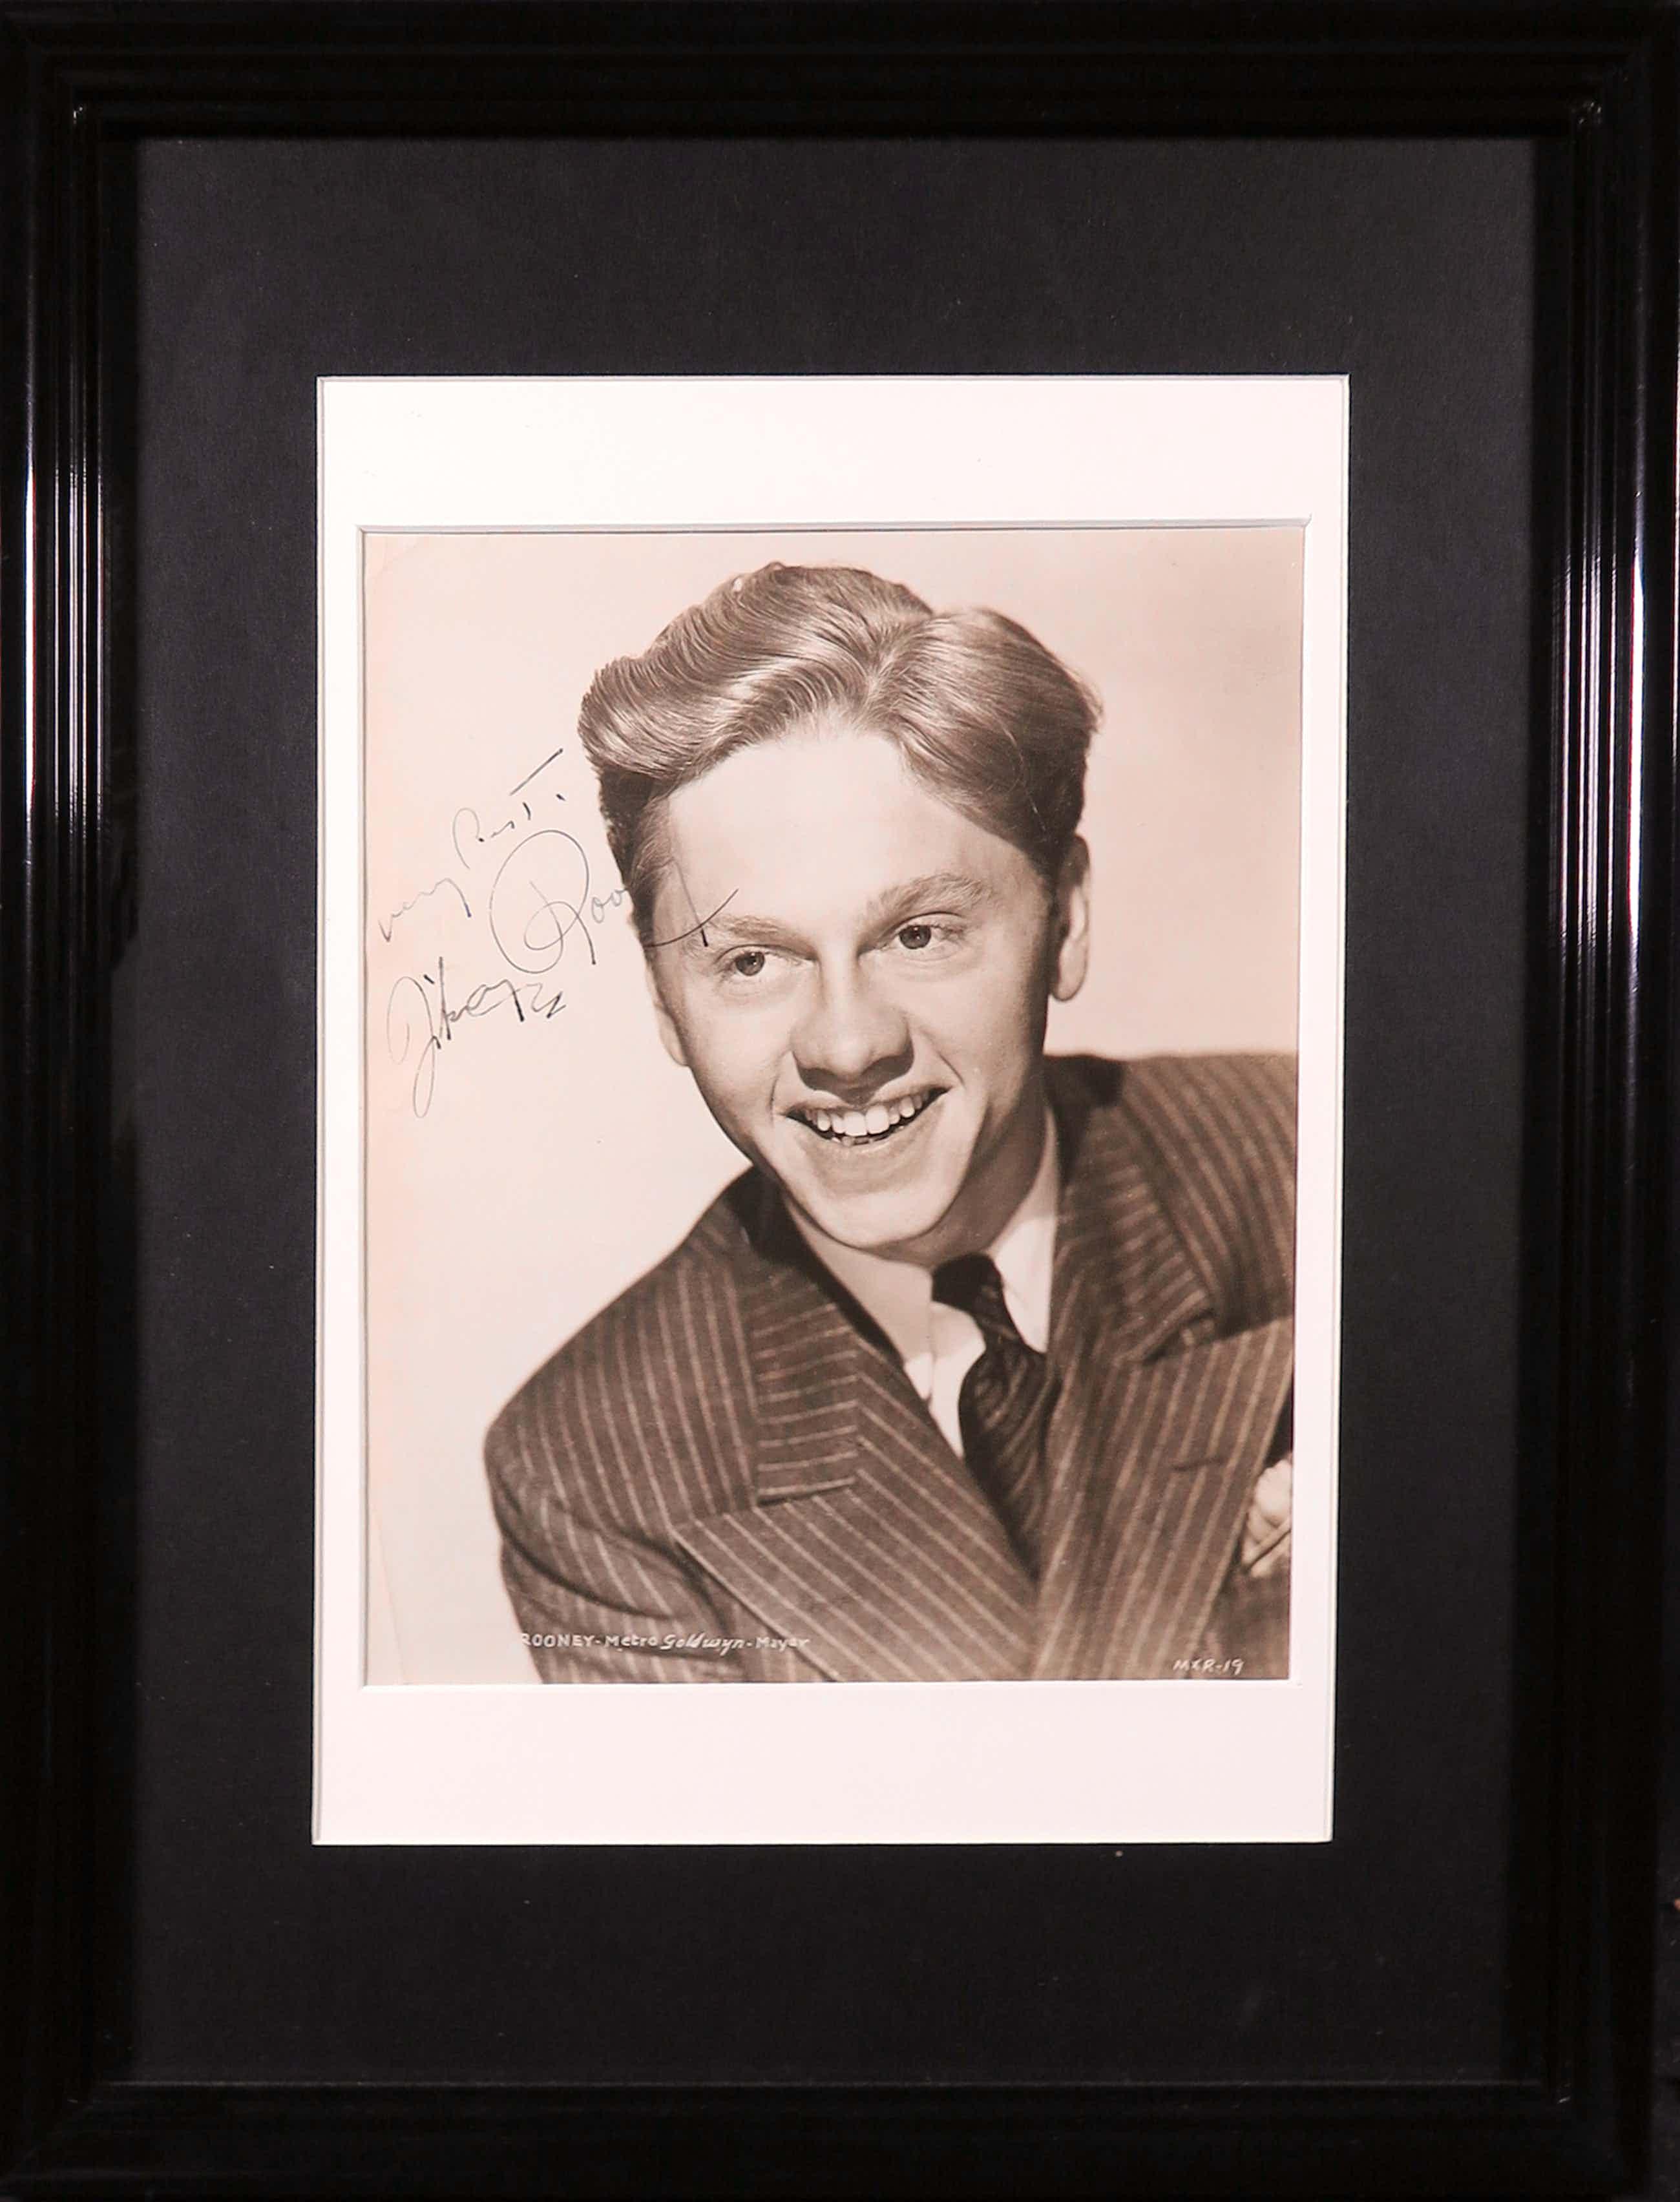 Niet of onleesbaar gesigneerd - Foto van Mickey Rooney incl. handtekening kopen? Bied vanaf 5!